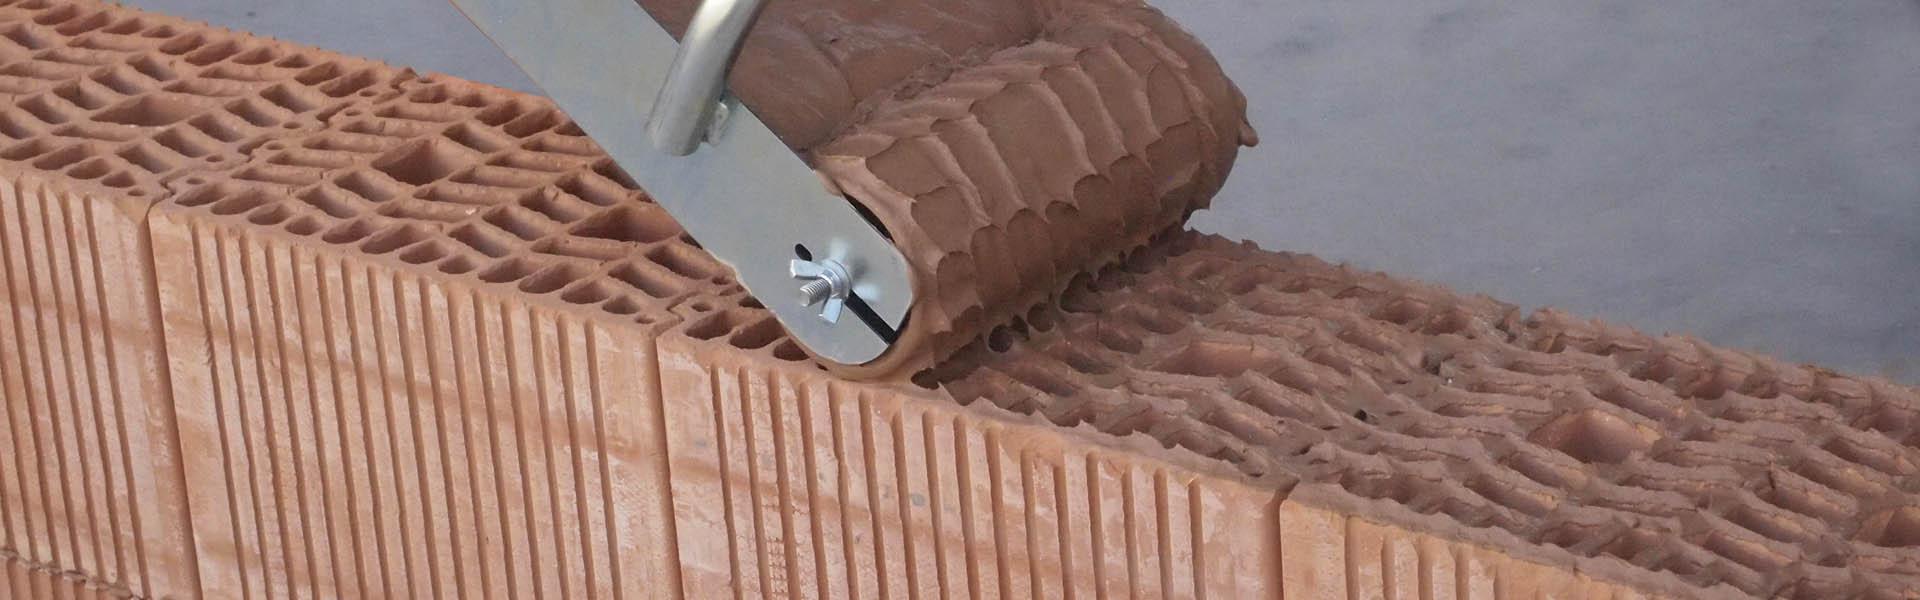 Ceramica sampedro mejores prestaciones t rmicas y menor - Ladrillo ceramico perforado ...